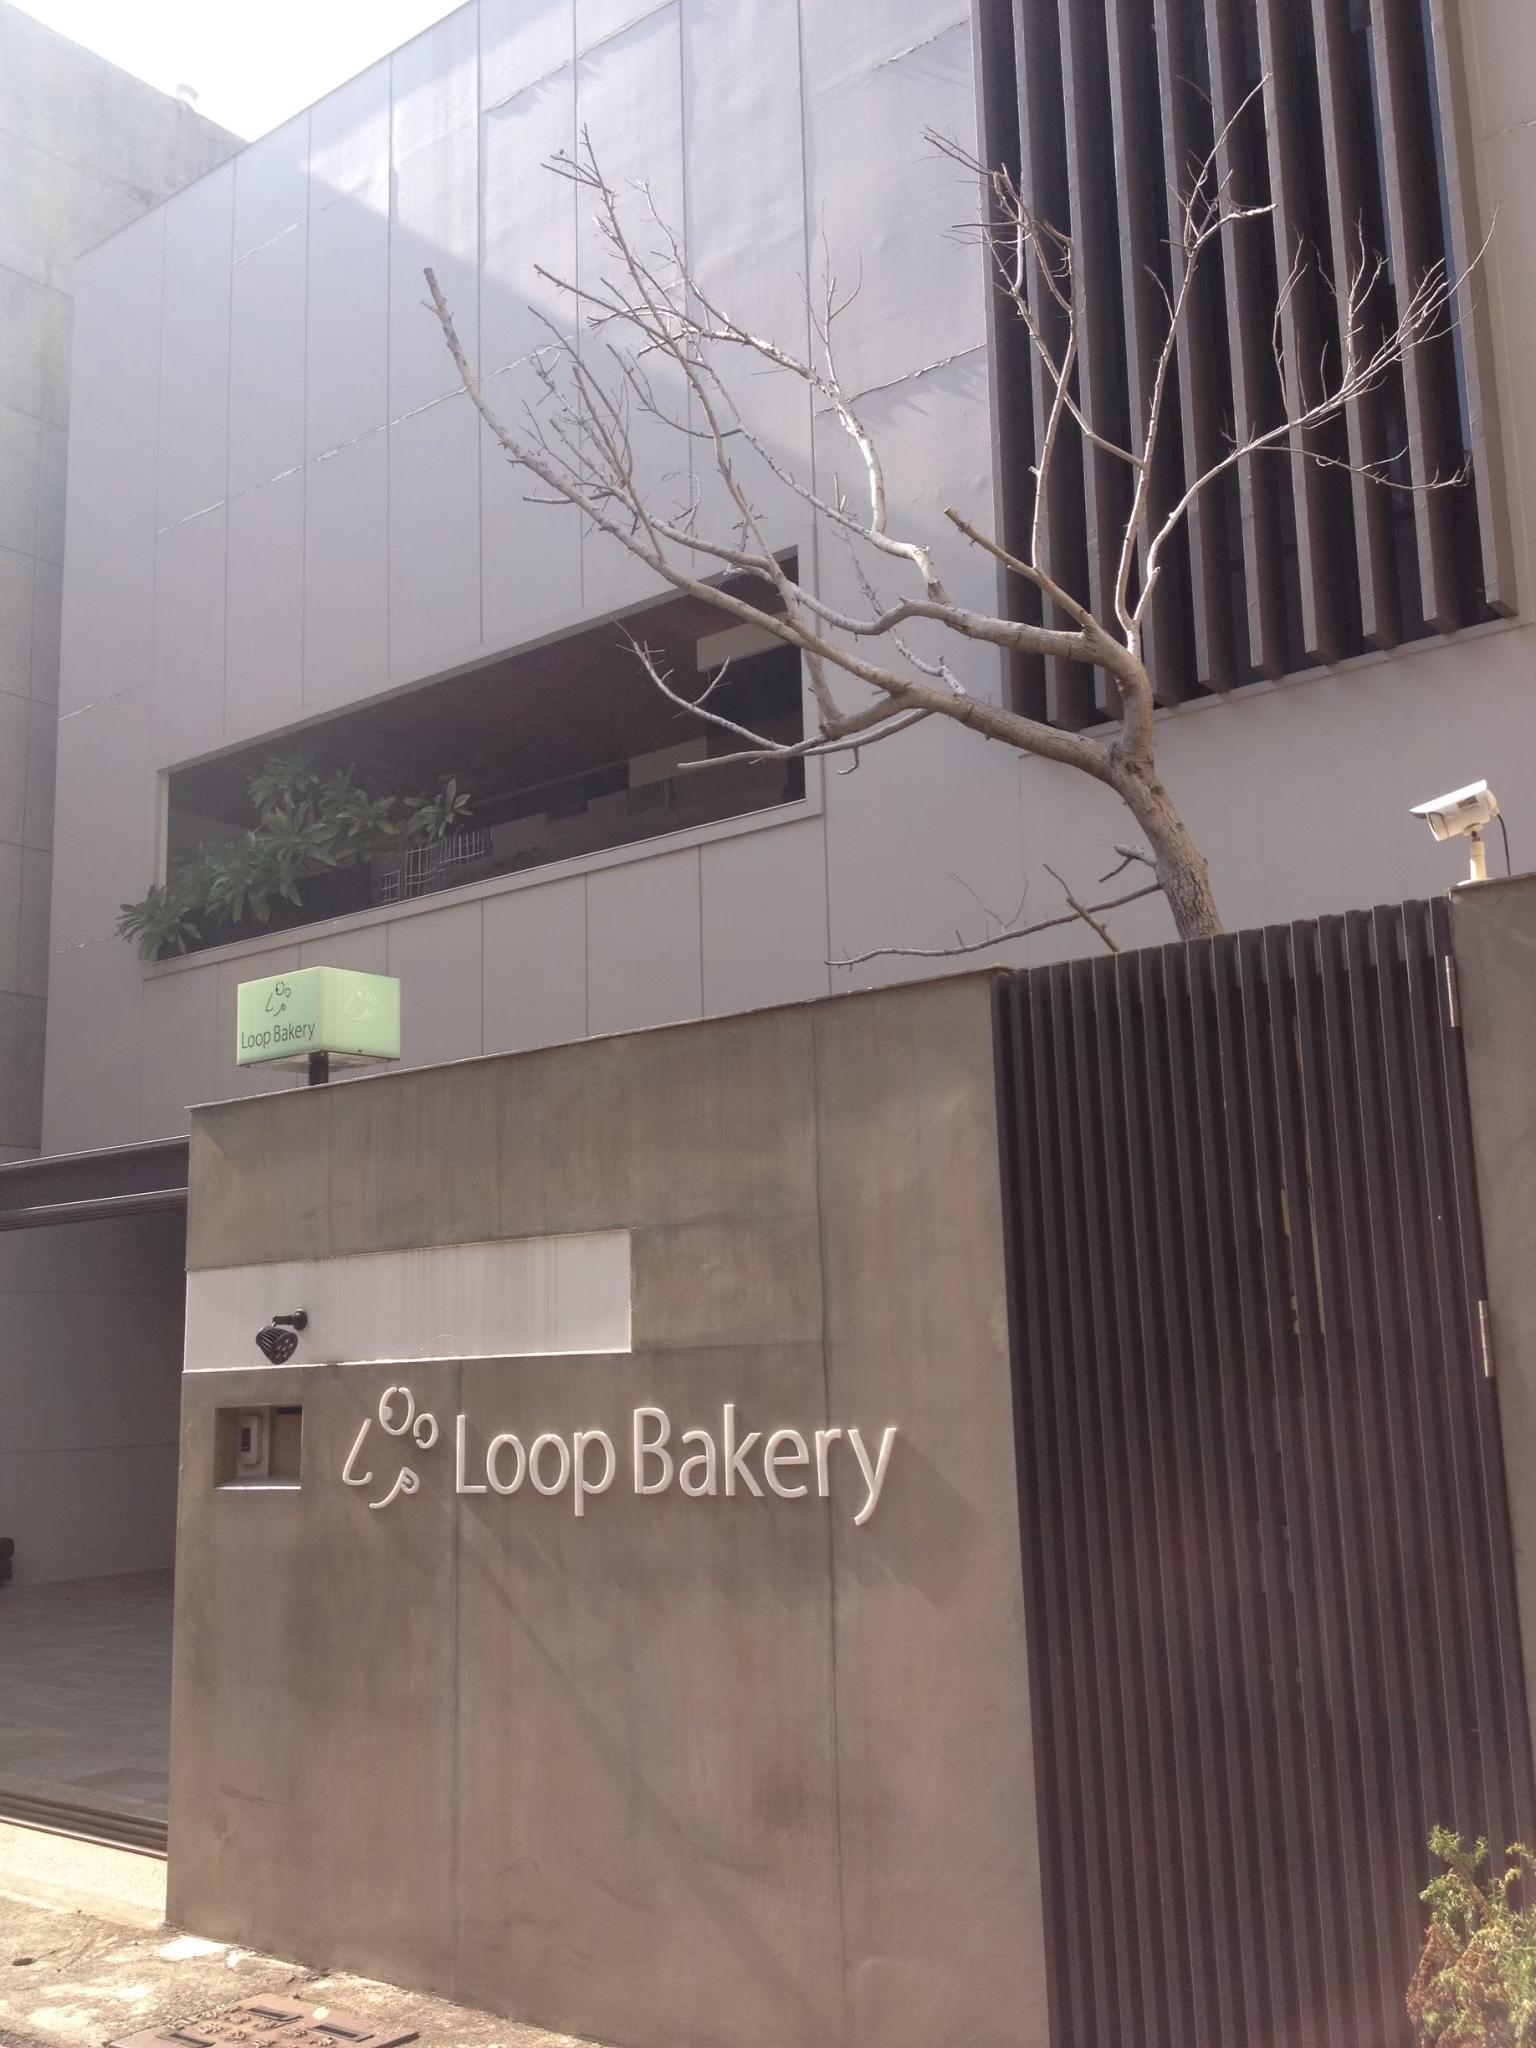 這次來的是真心大推的Loop圈圈烘焙,它樸實無華卻質感極致的外觀讓人看到就震懾不已,簡約風格更呈現出它的不凡脫俗,這烘焙店實在高級感充足!